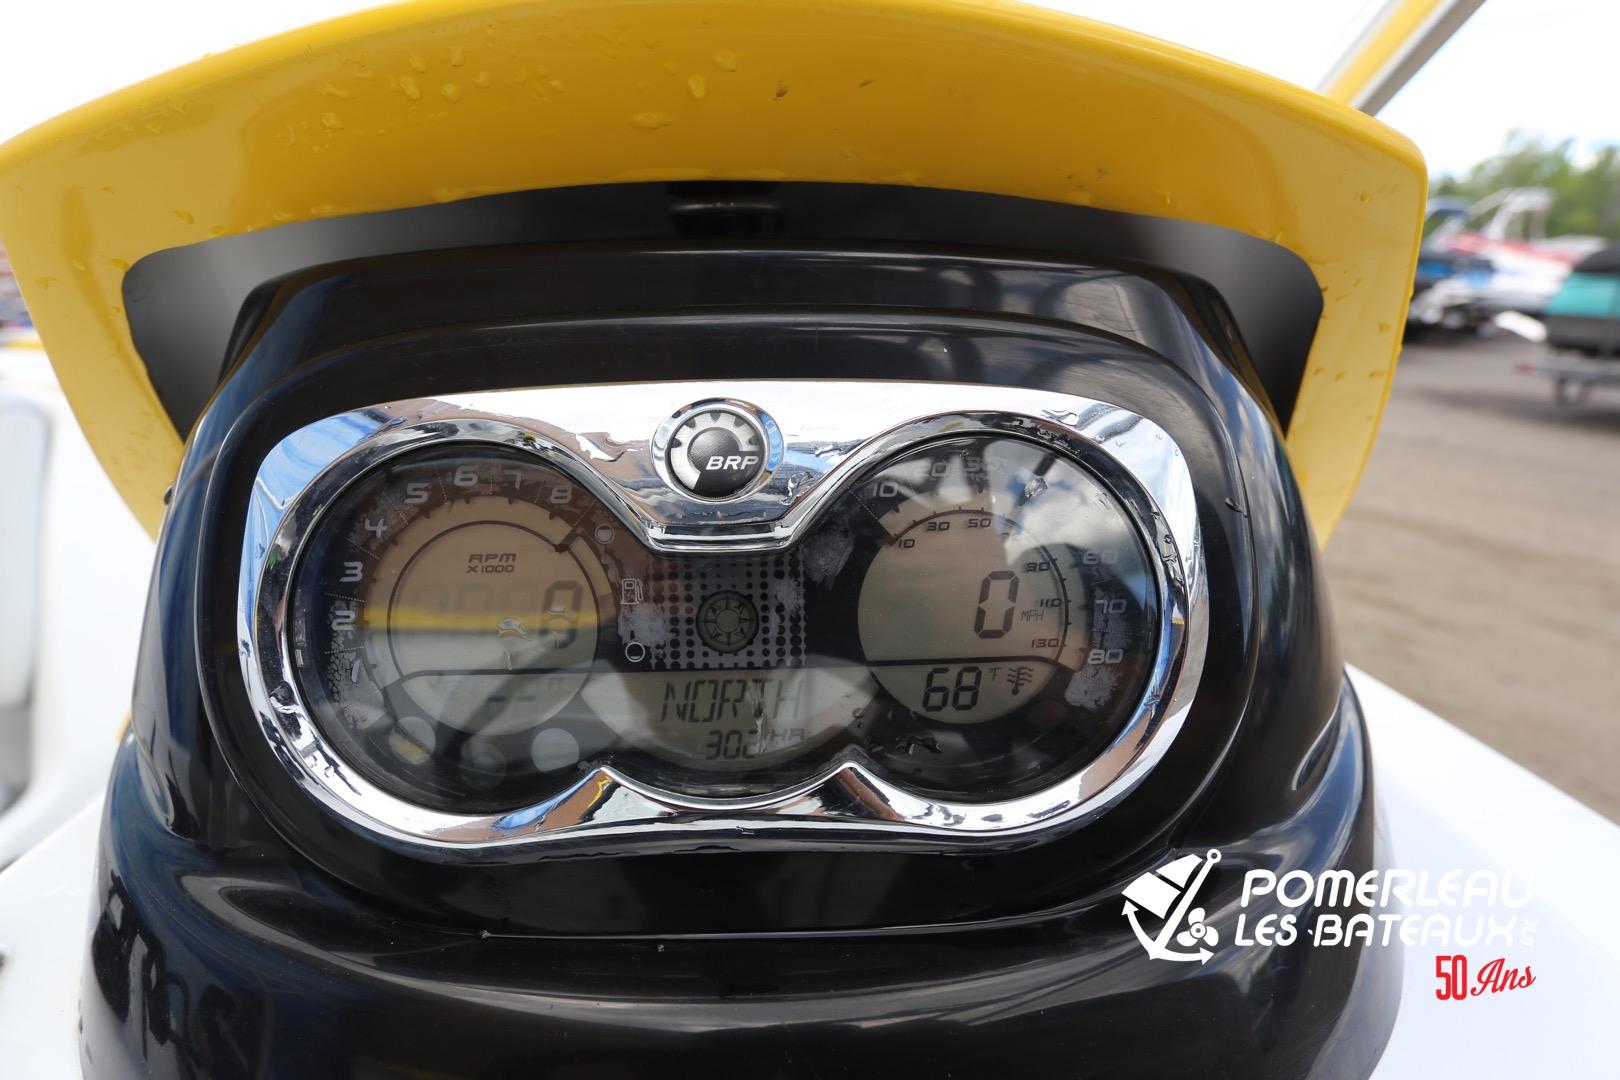 Sea-Doo/BRP Speedster 150 - IMG_3800